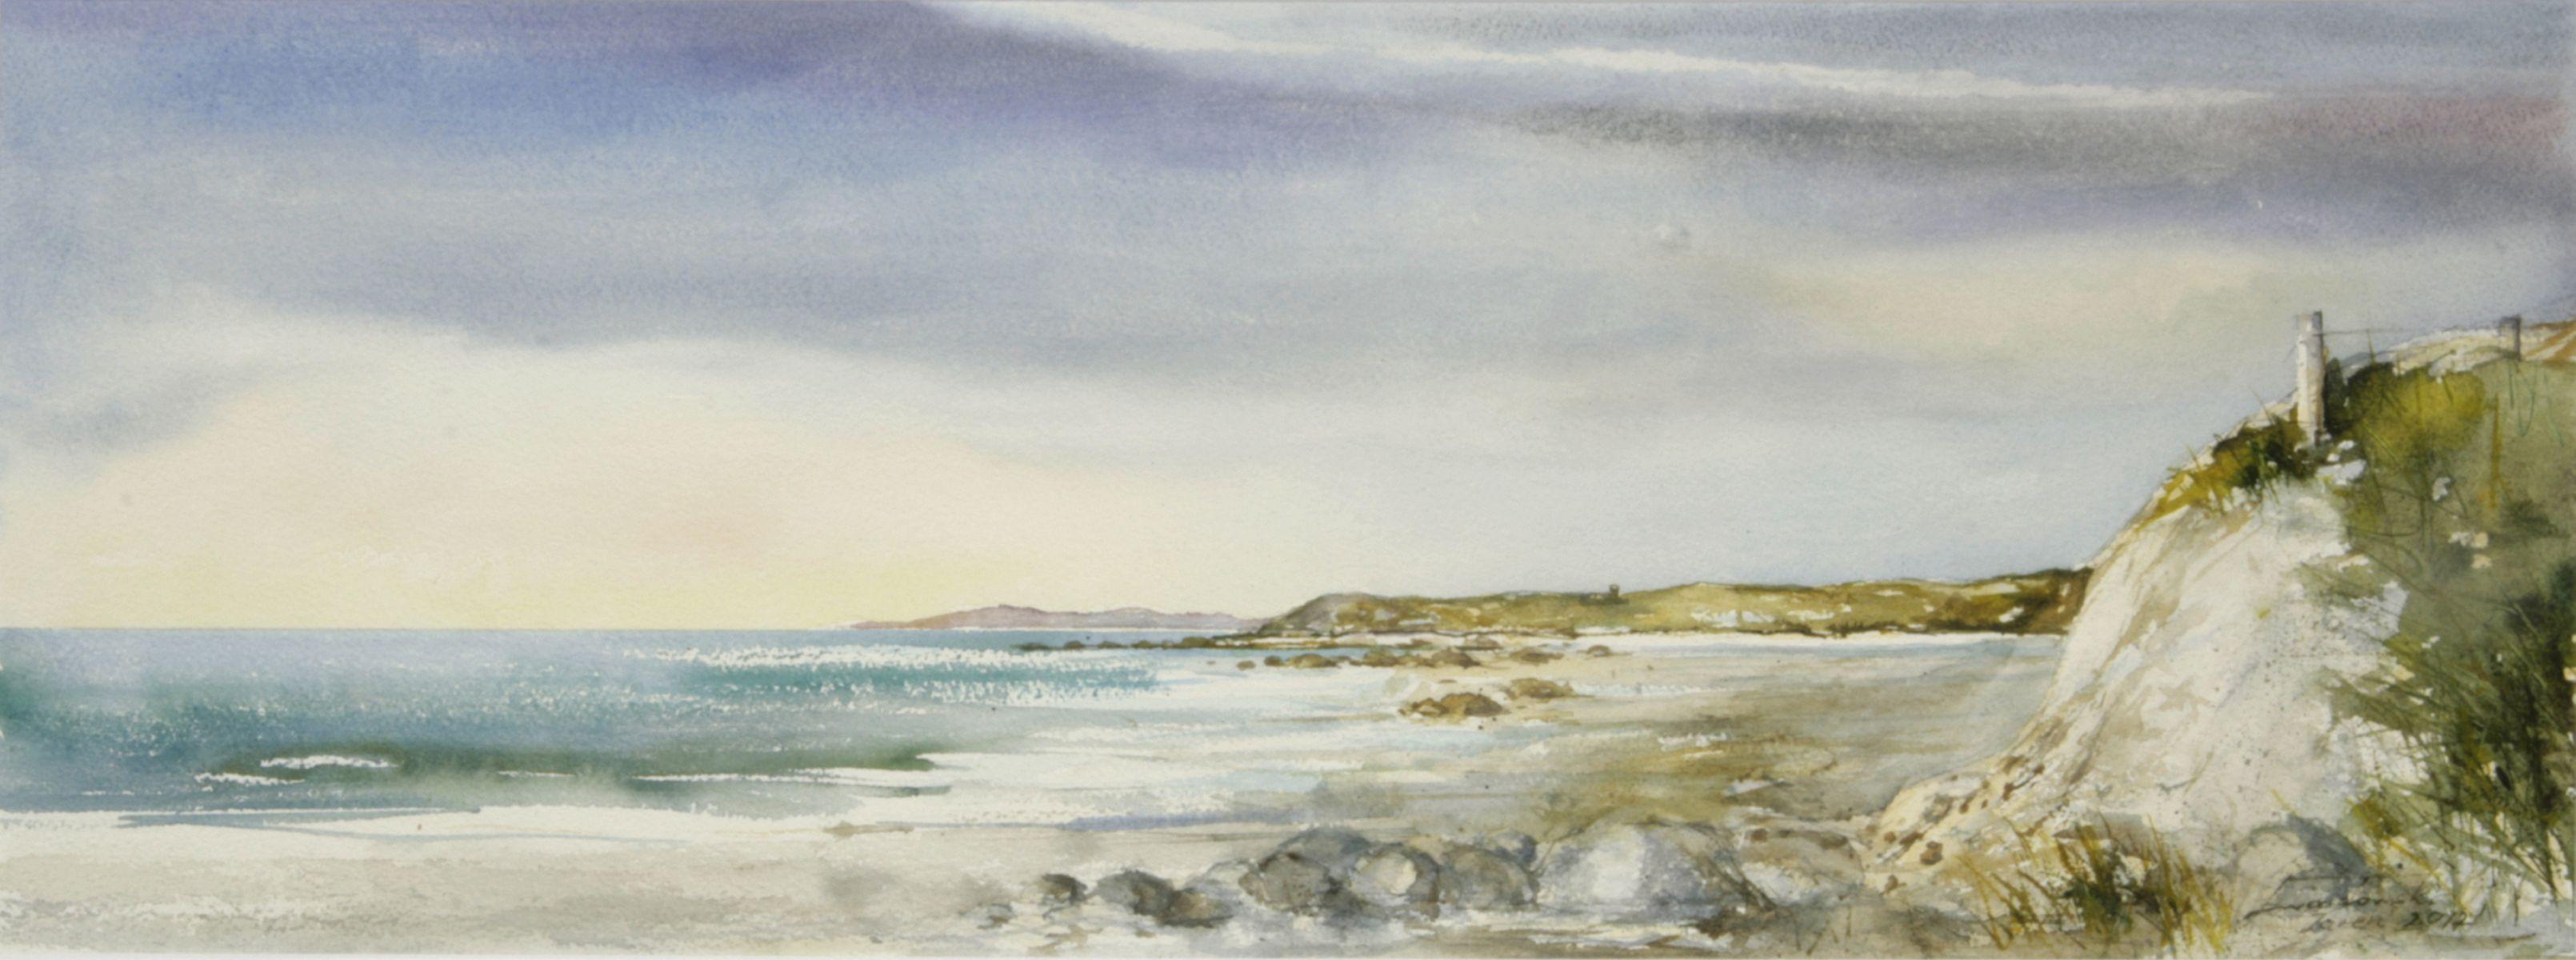 Plaża w Jaren. 76x28 cm. Kazimierz Twardowski